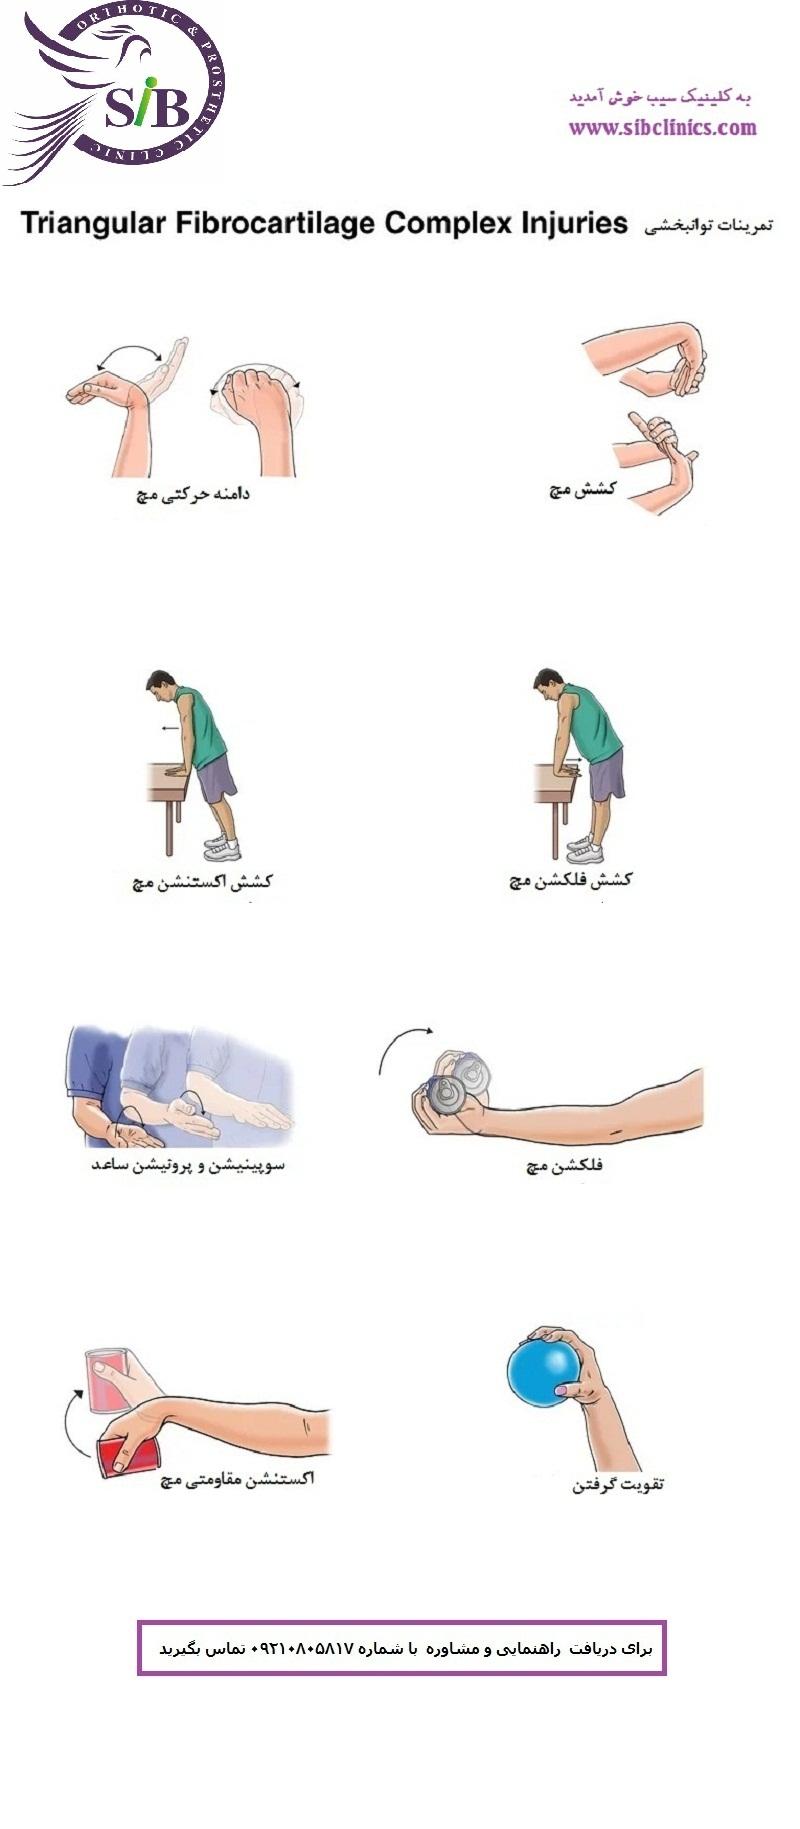 تمرینات توانبخشی  اندام فوقانی 1